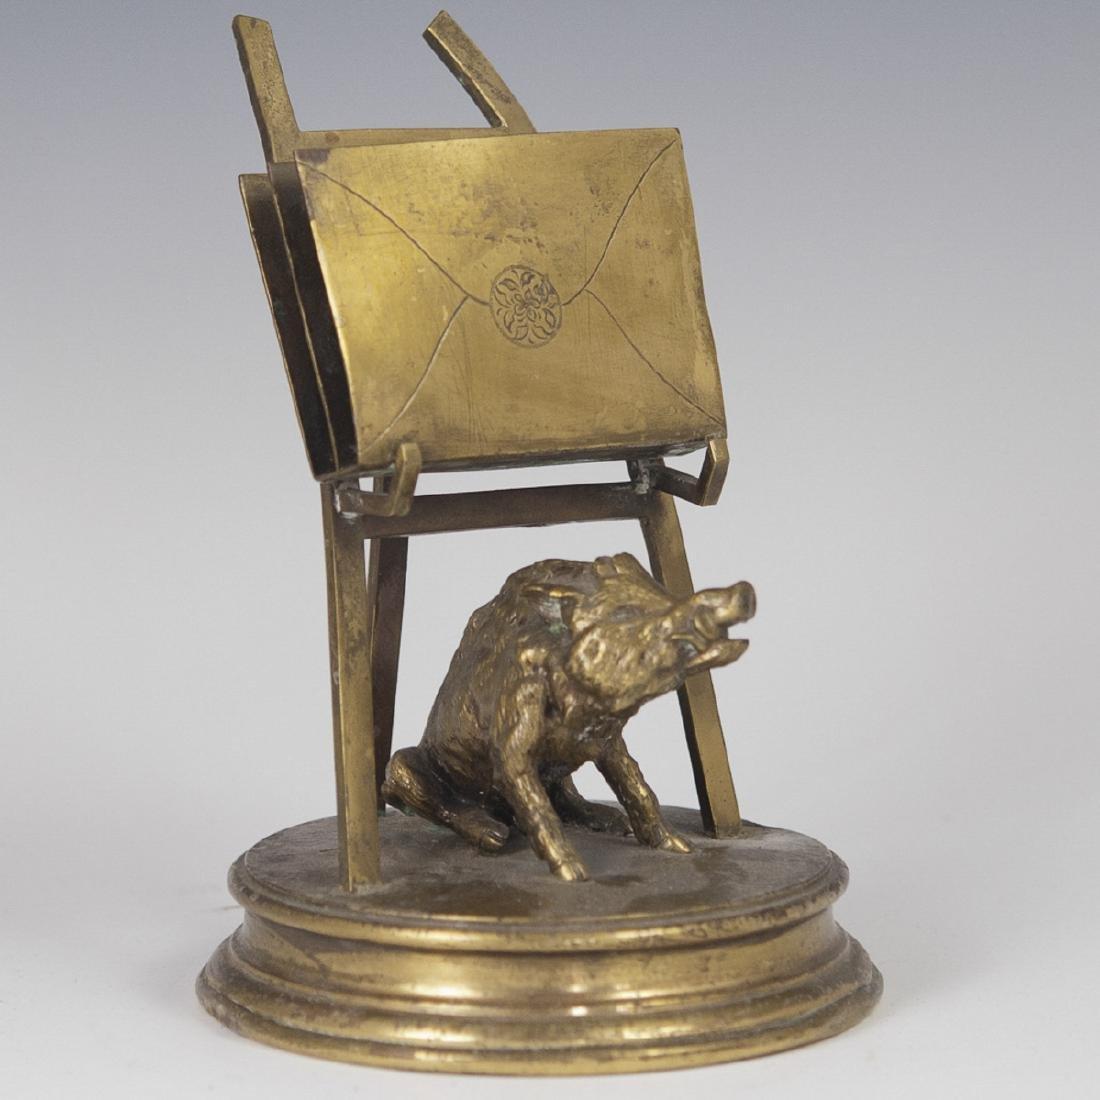 Antique Gilded Bronze Letter Holder